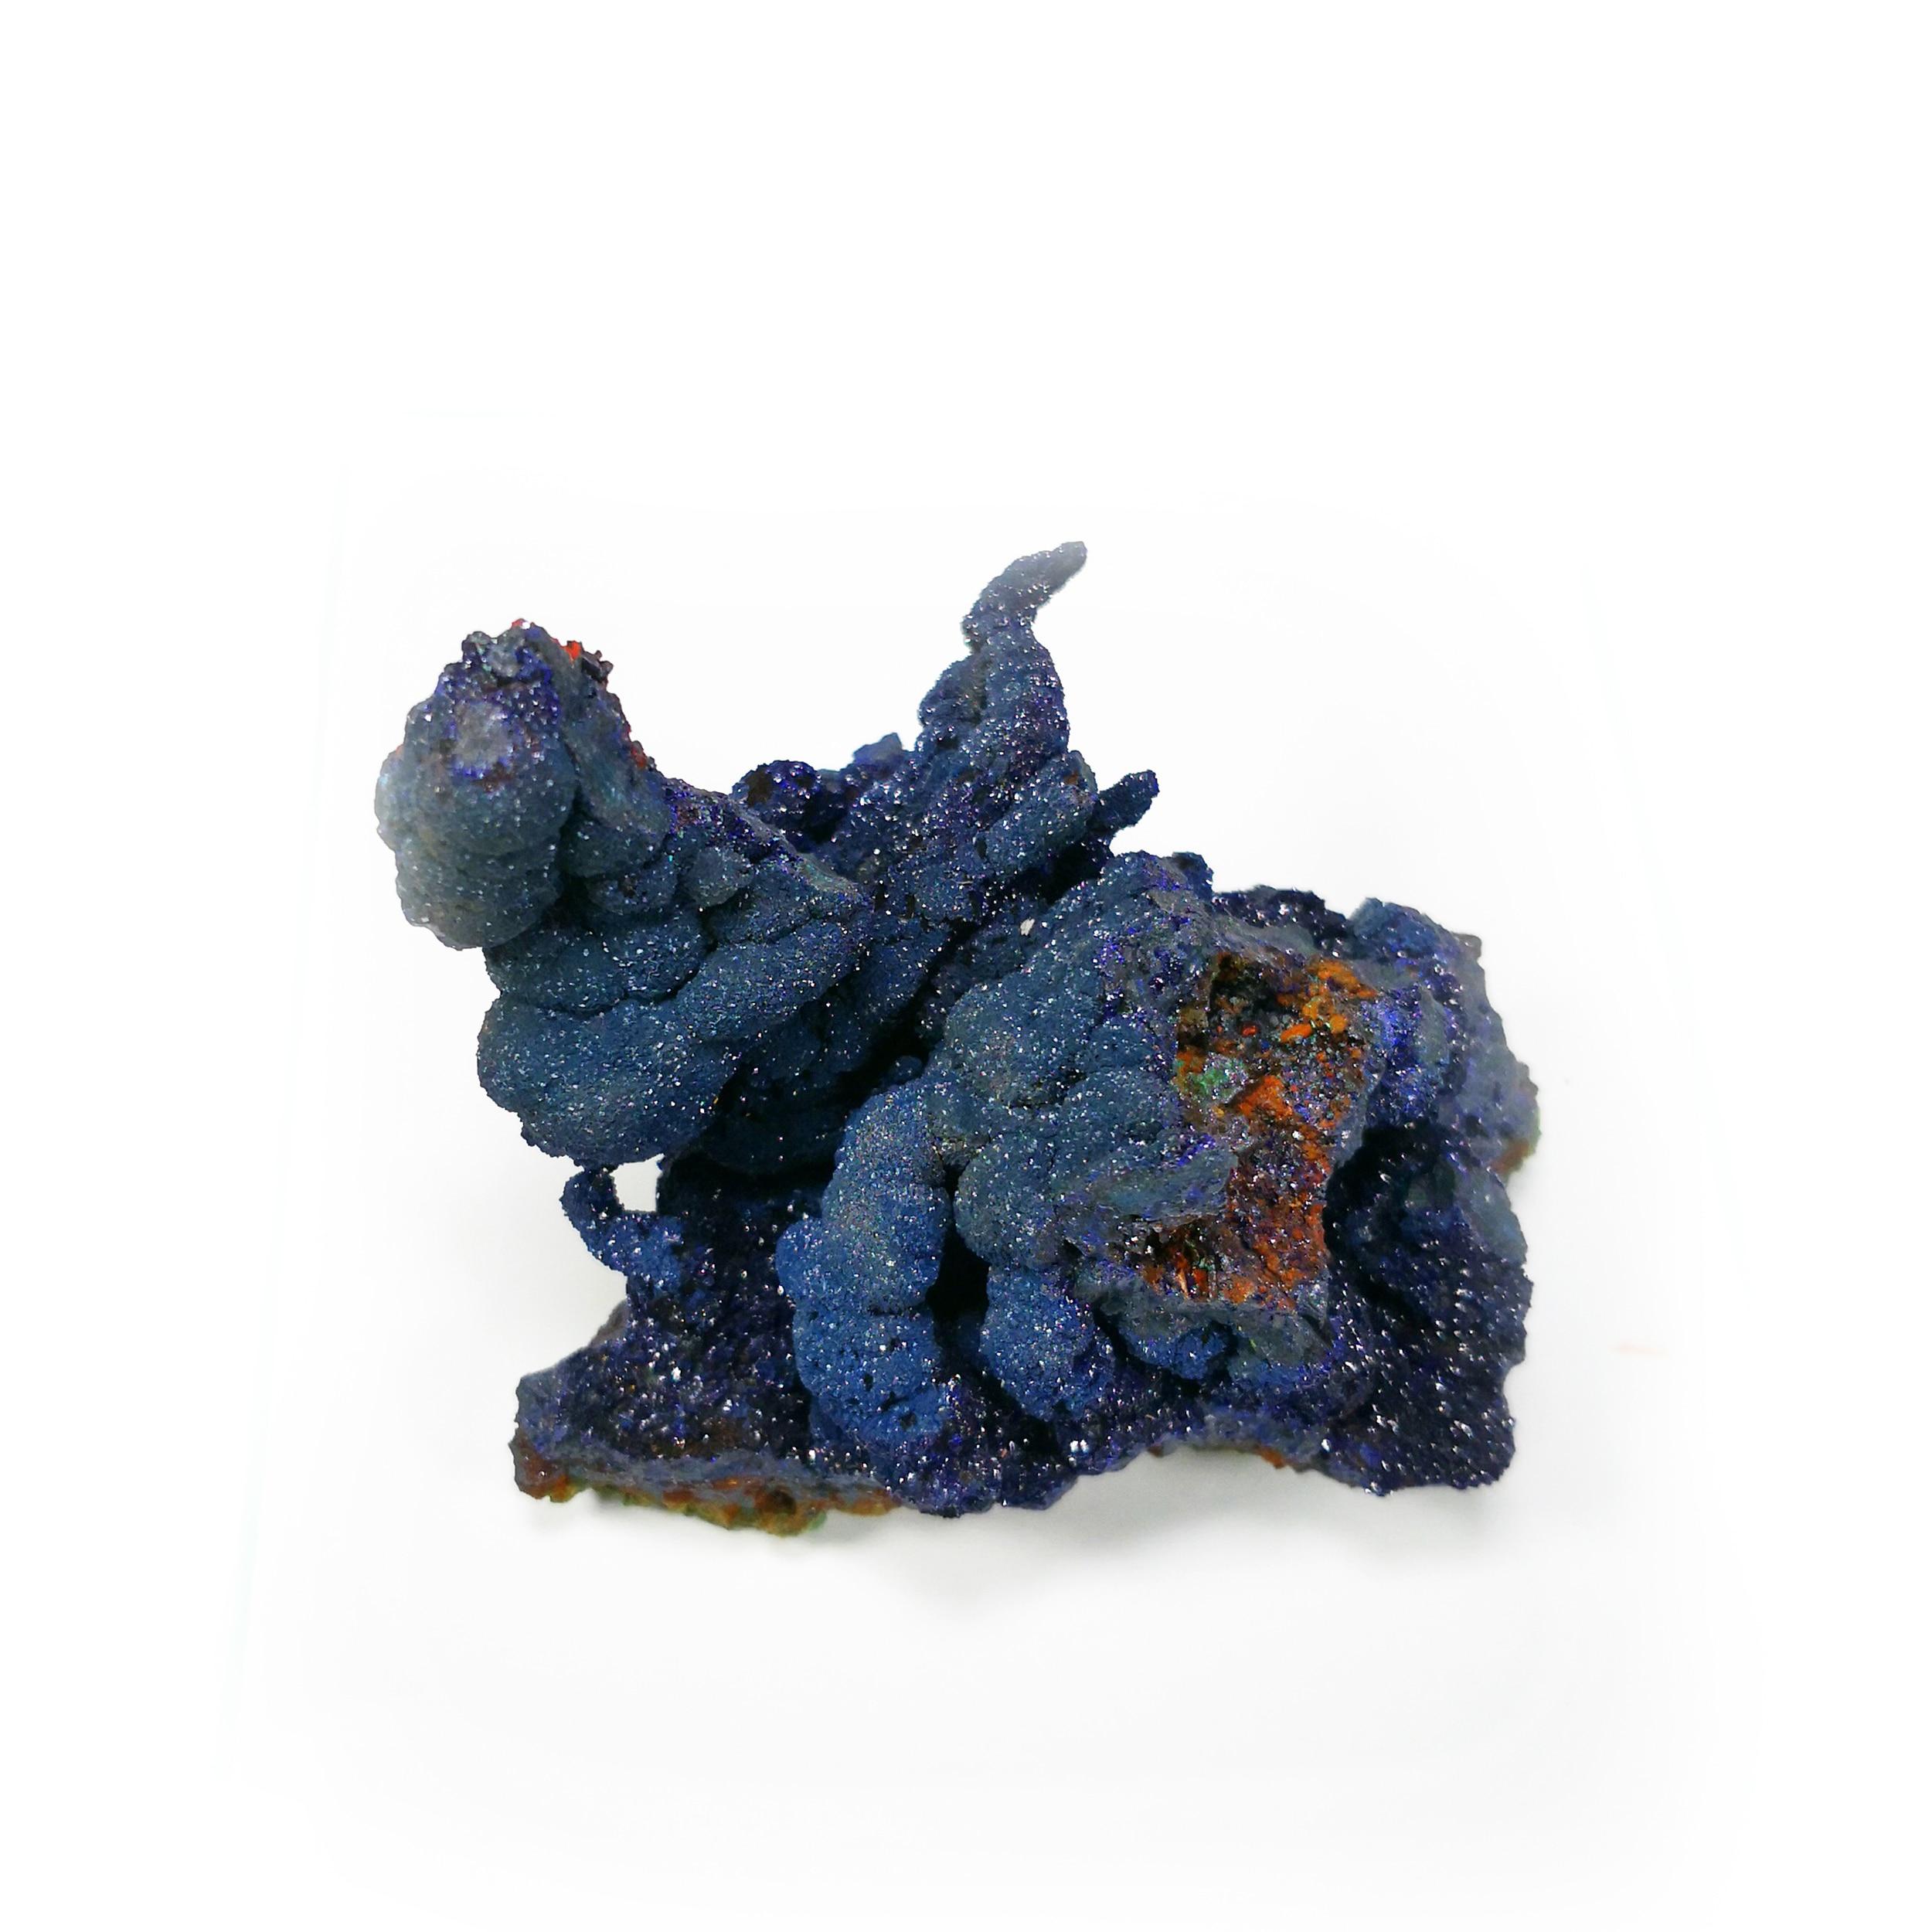 149g NATURALE Pietre e Minerali malachite azzurrite minerale esemplari di cristallo C1 45-in Pietre da Casa e giardino su  Gruppo 1